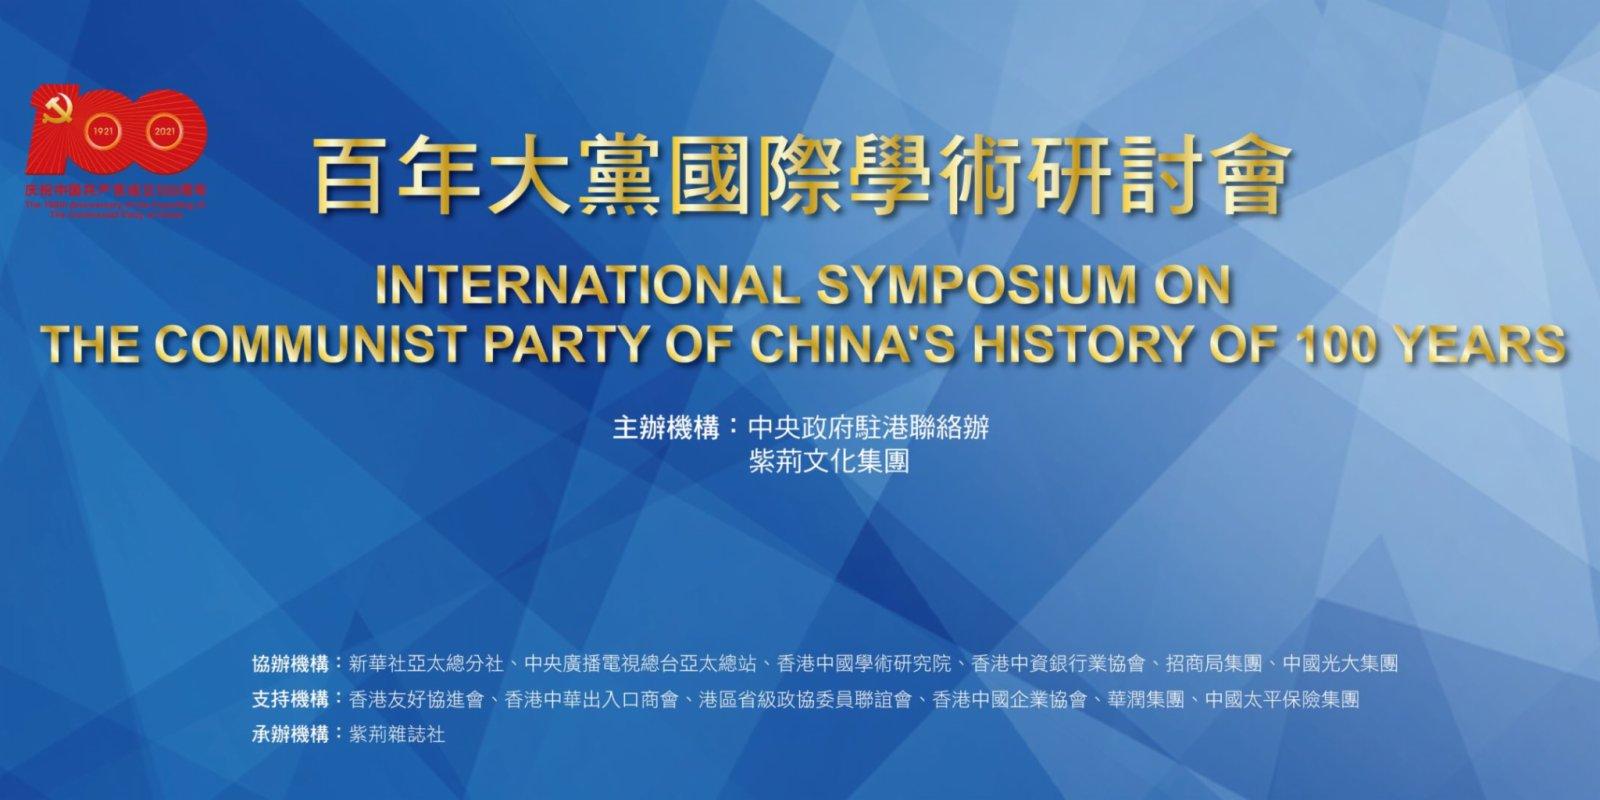 【點直播】6月16日 百年大黨國際學術研討會 (Part 2)